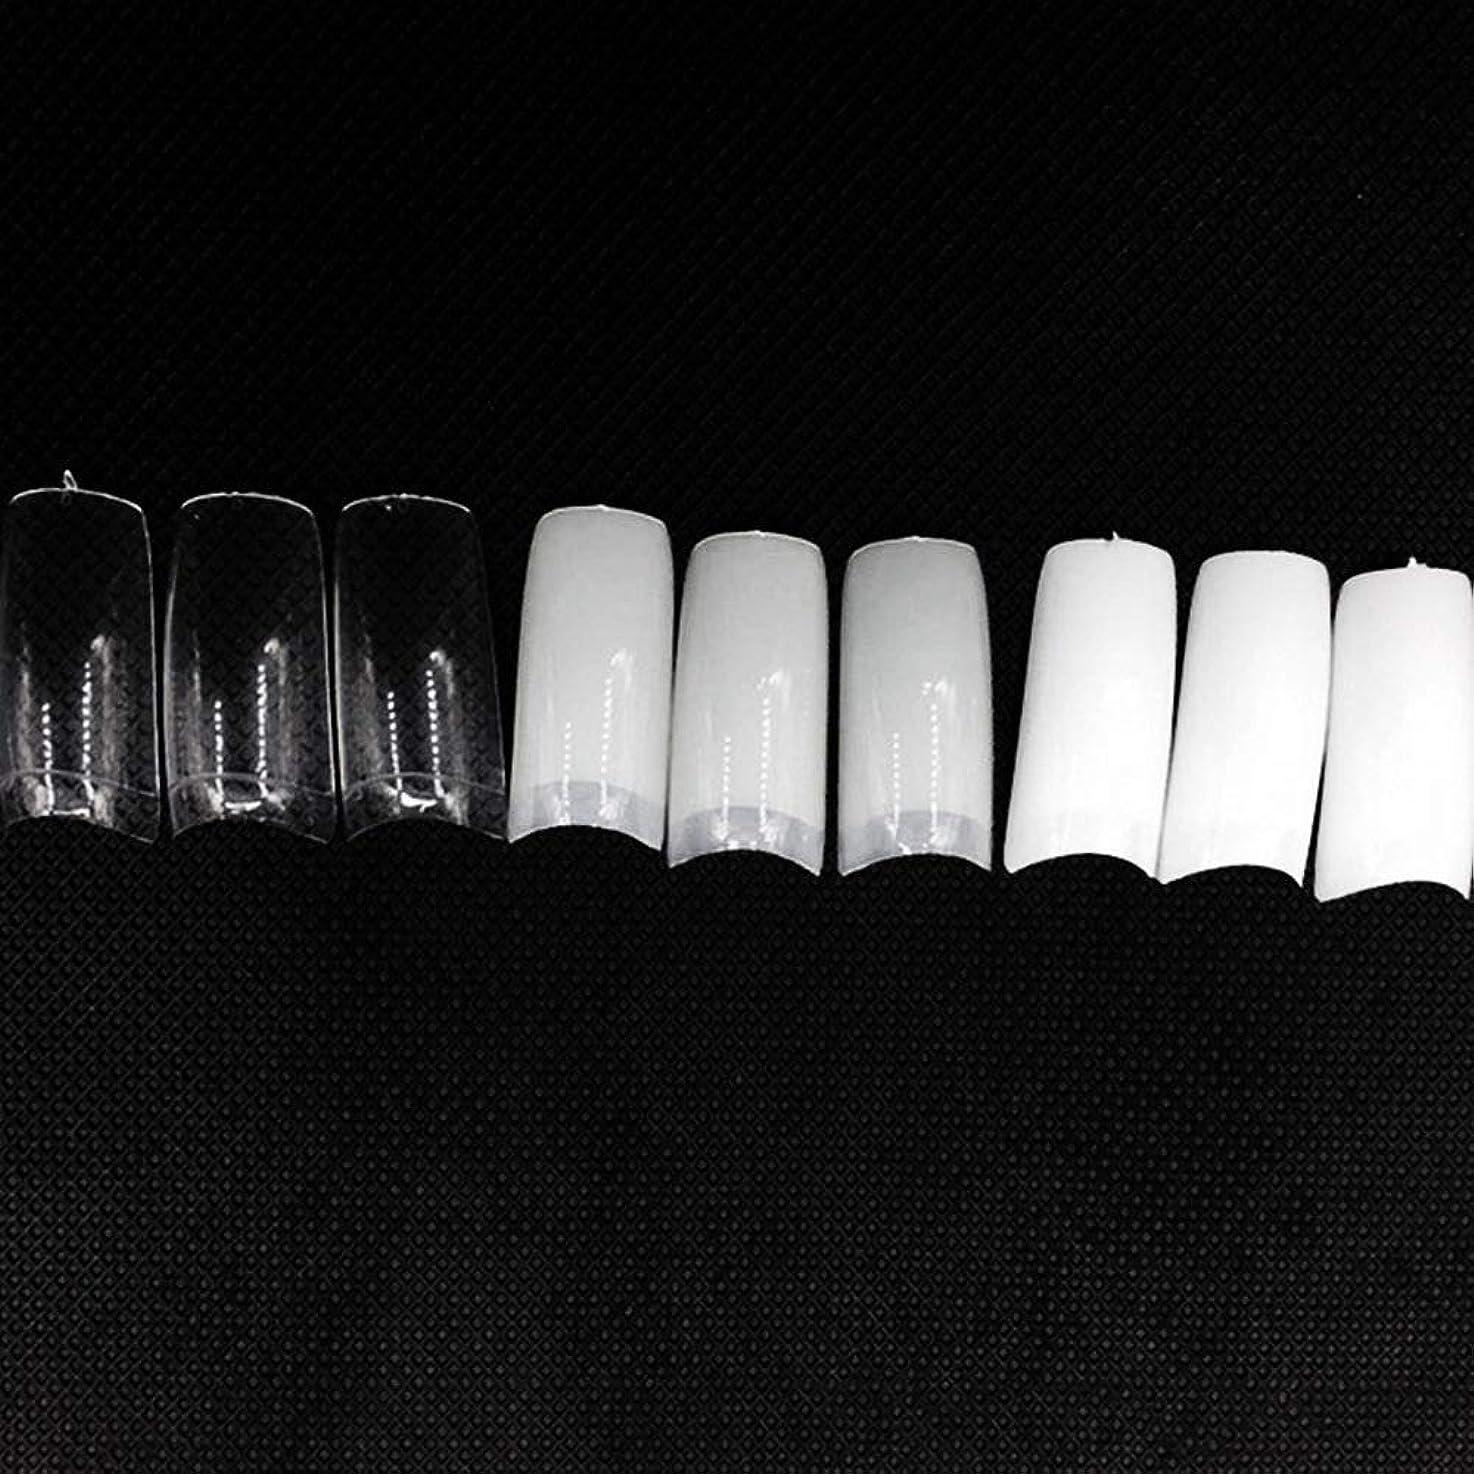 発見レタッチ喪ネイルチップ つけ爪 偽爪 無地 ロング オーバル 10サイズ デコレーション フルチップ シンプル DIY デザイン 500個/セット Moomai